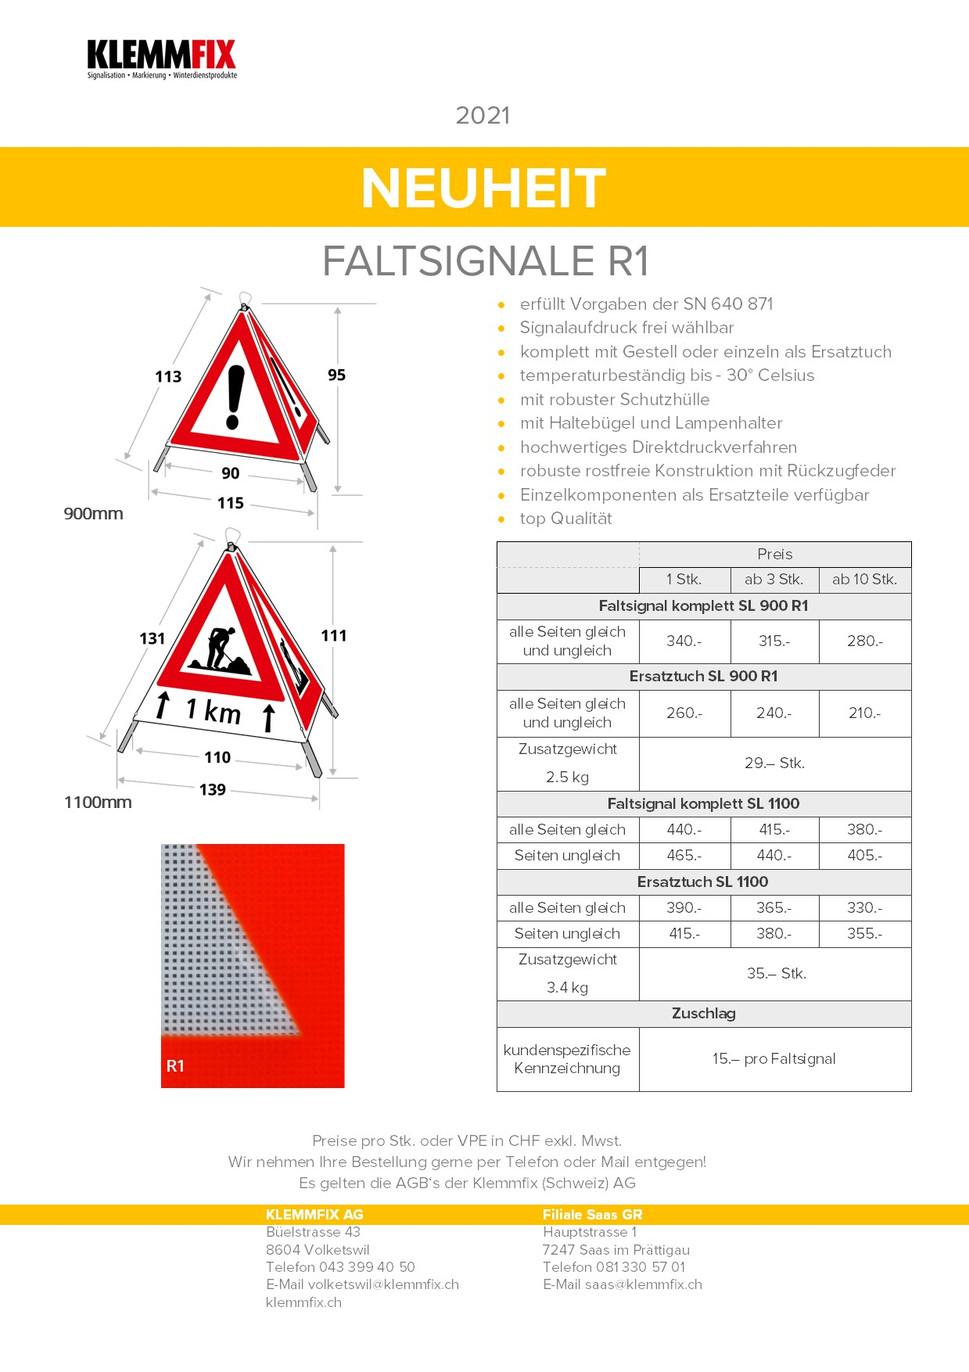 Faltsignale_Aktion_Flyer R1.jpg